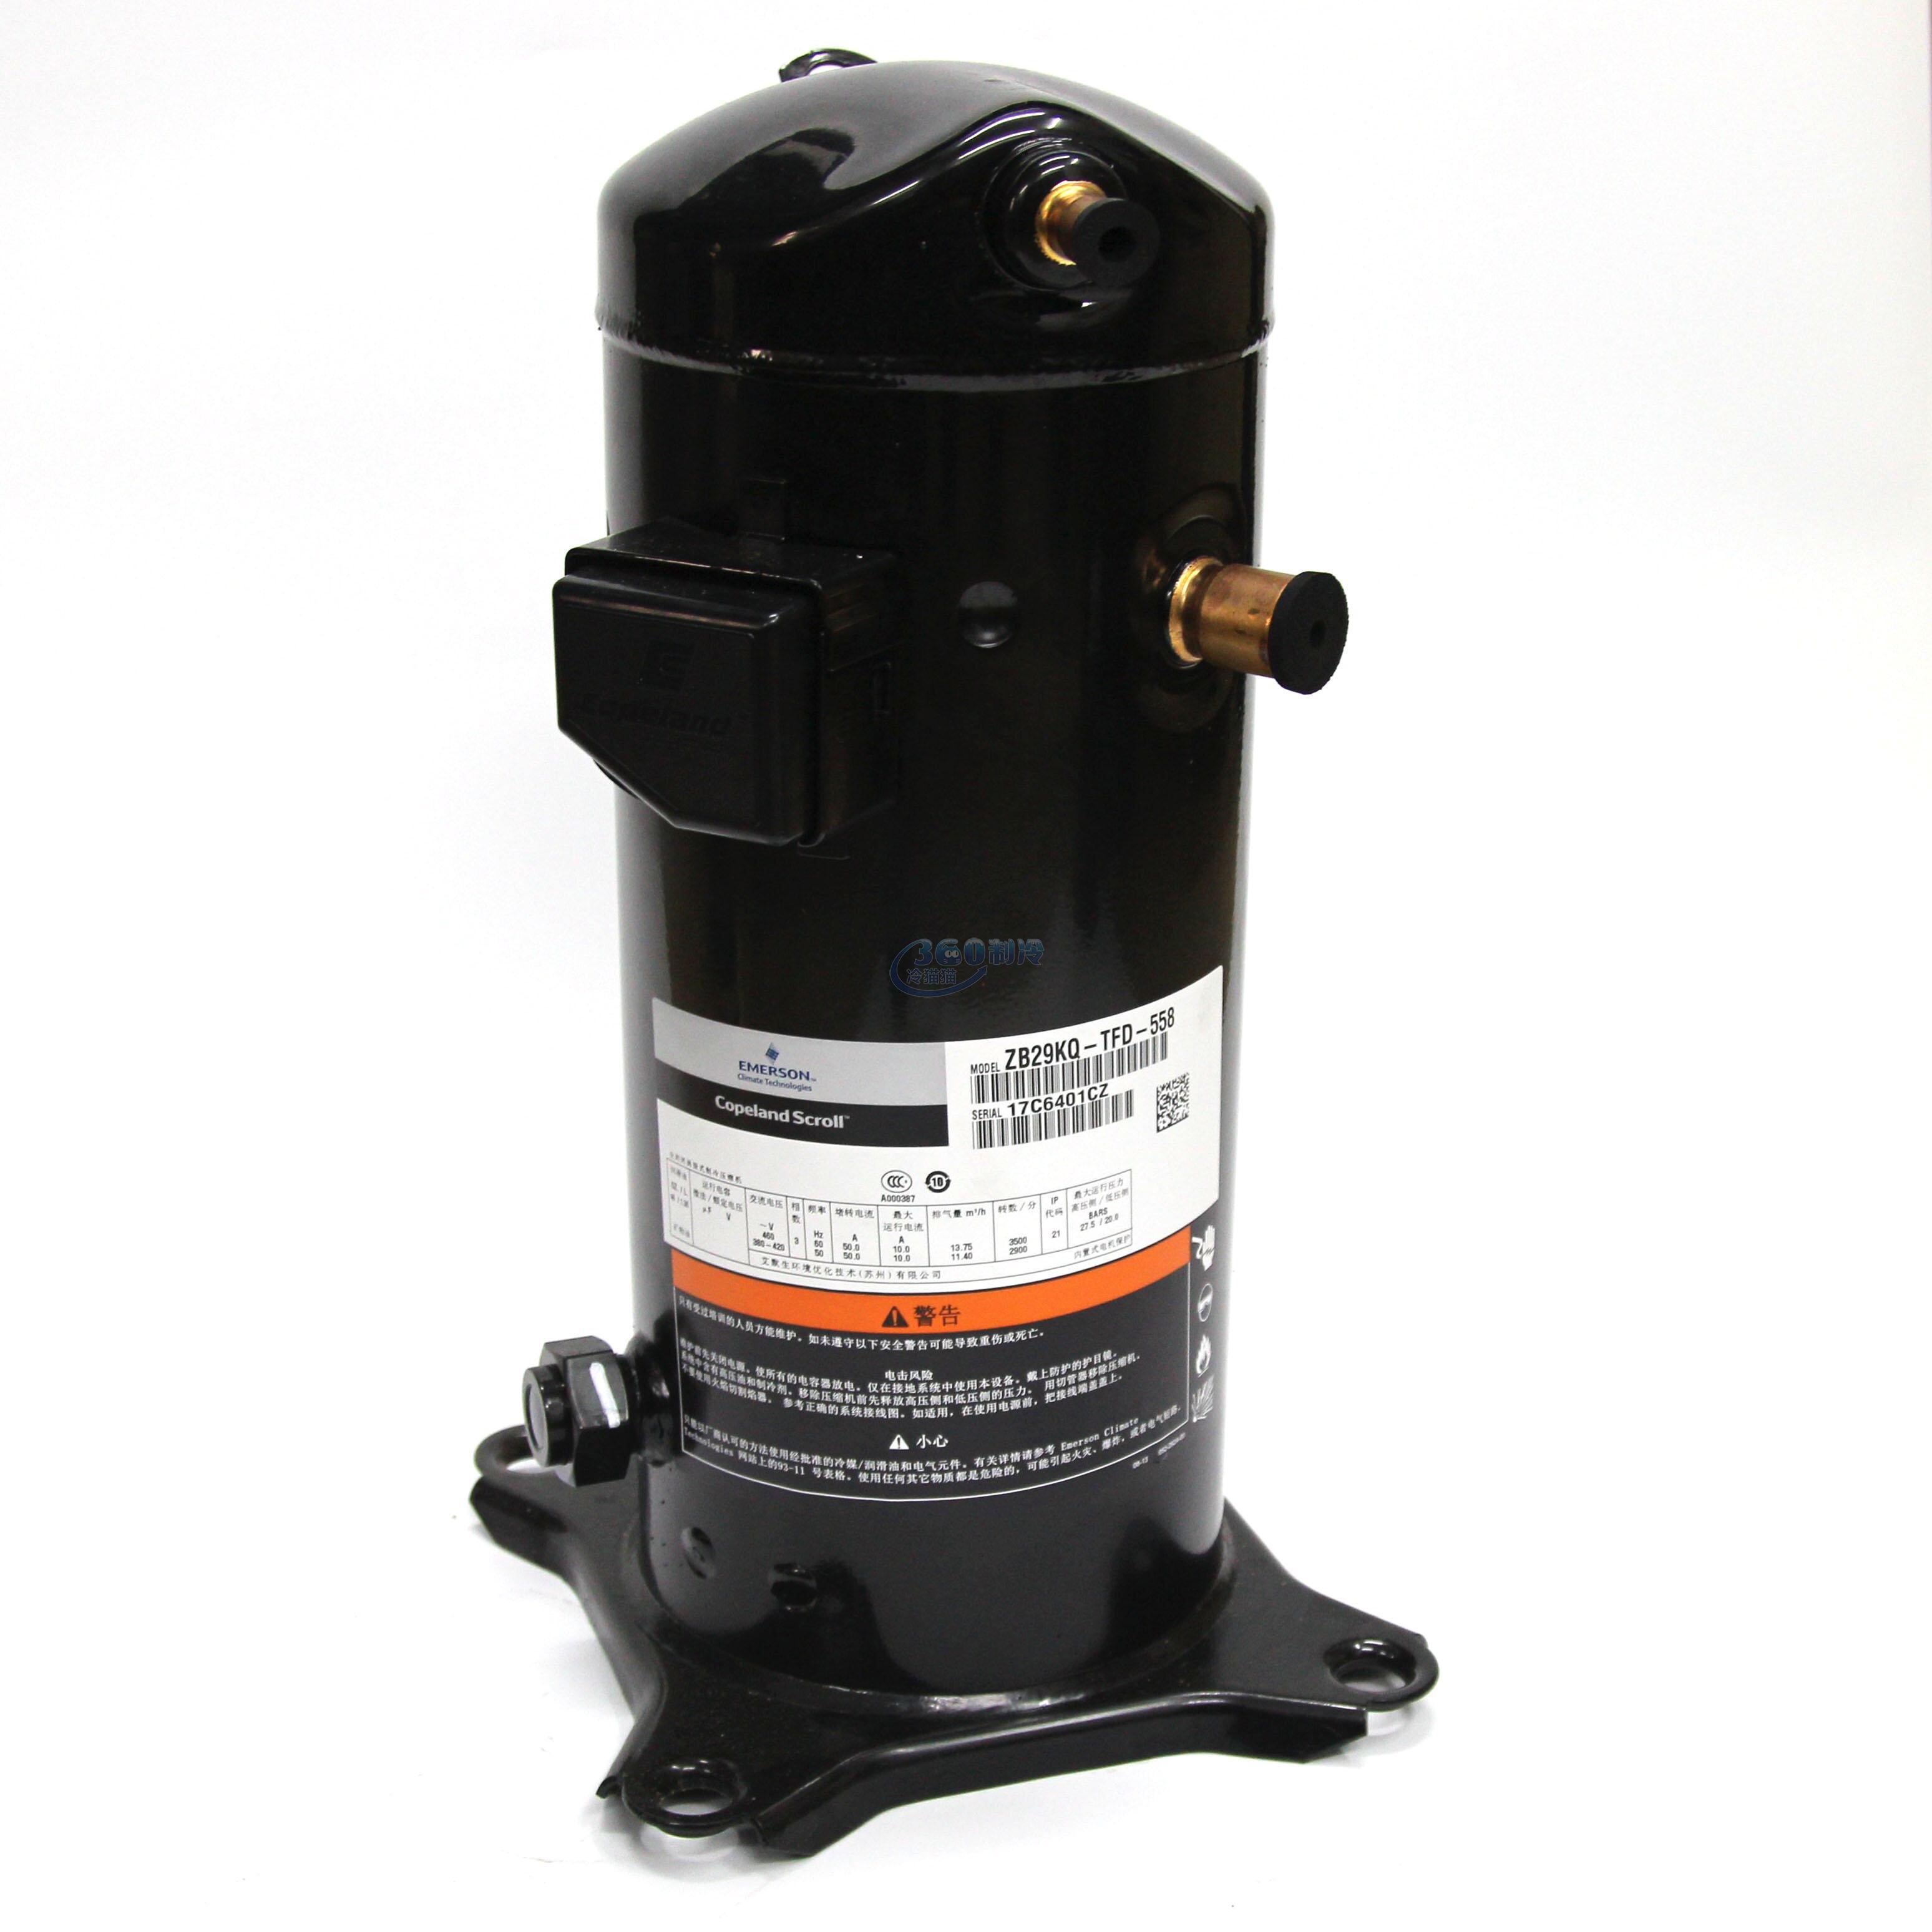 艾默生谷轮冷冻涡旋压缩机-R404 ZB58KQE-TFD-551 8P